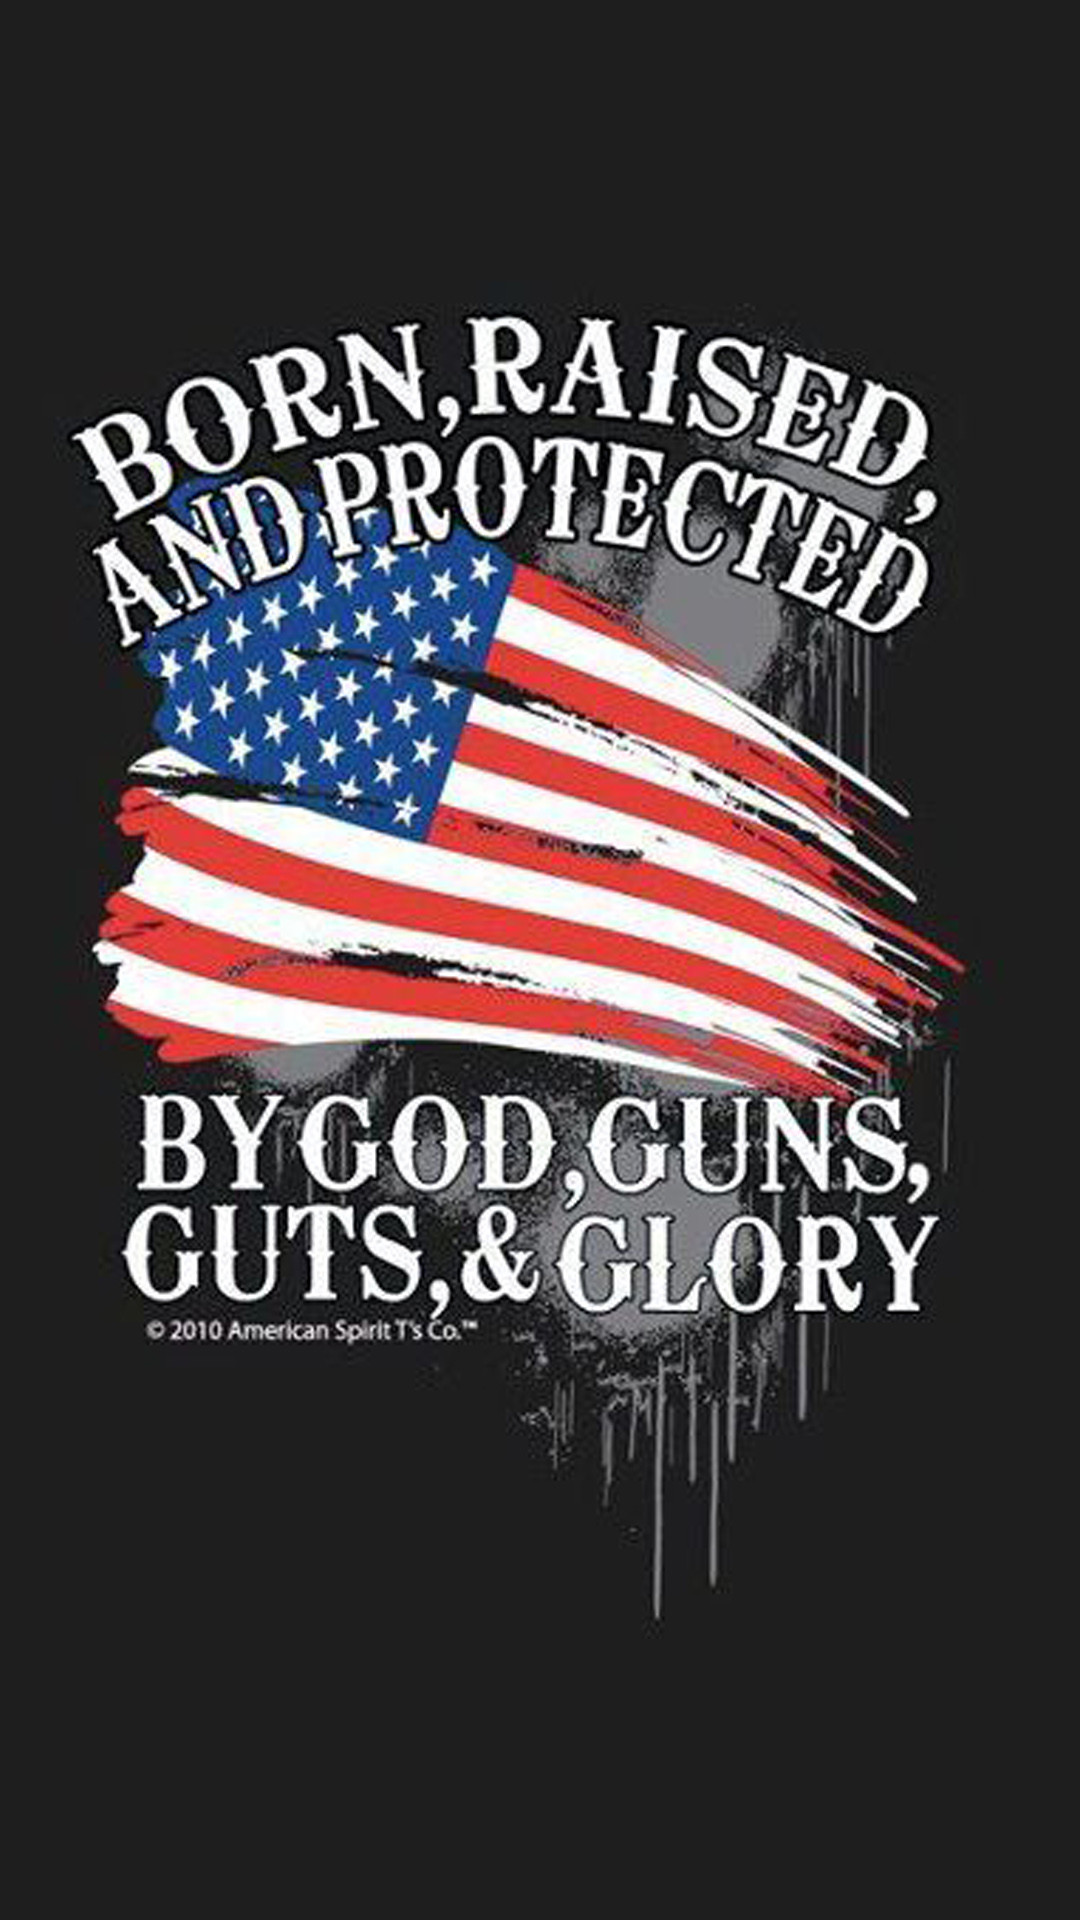 Tactical American Flag Wallpaper